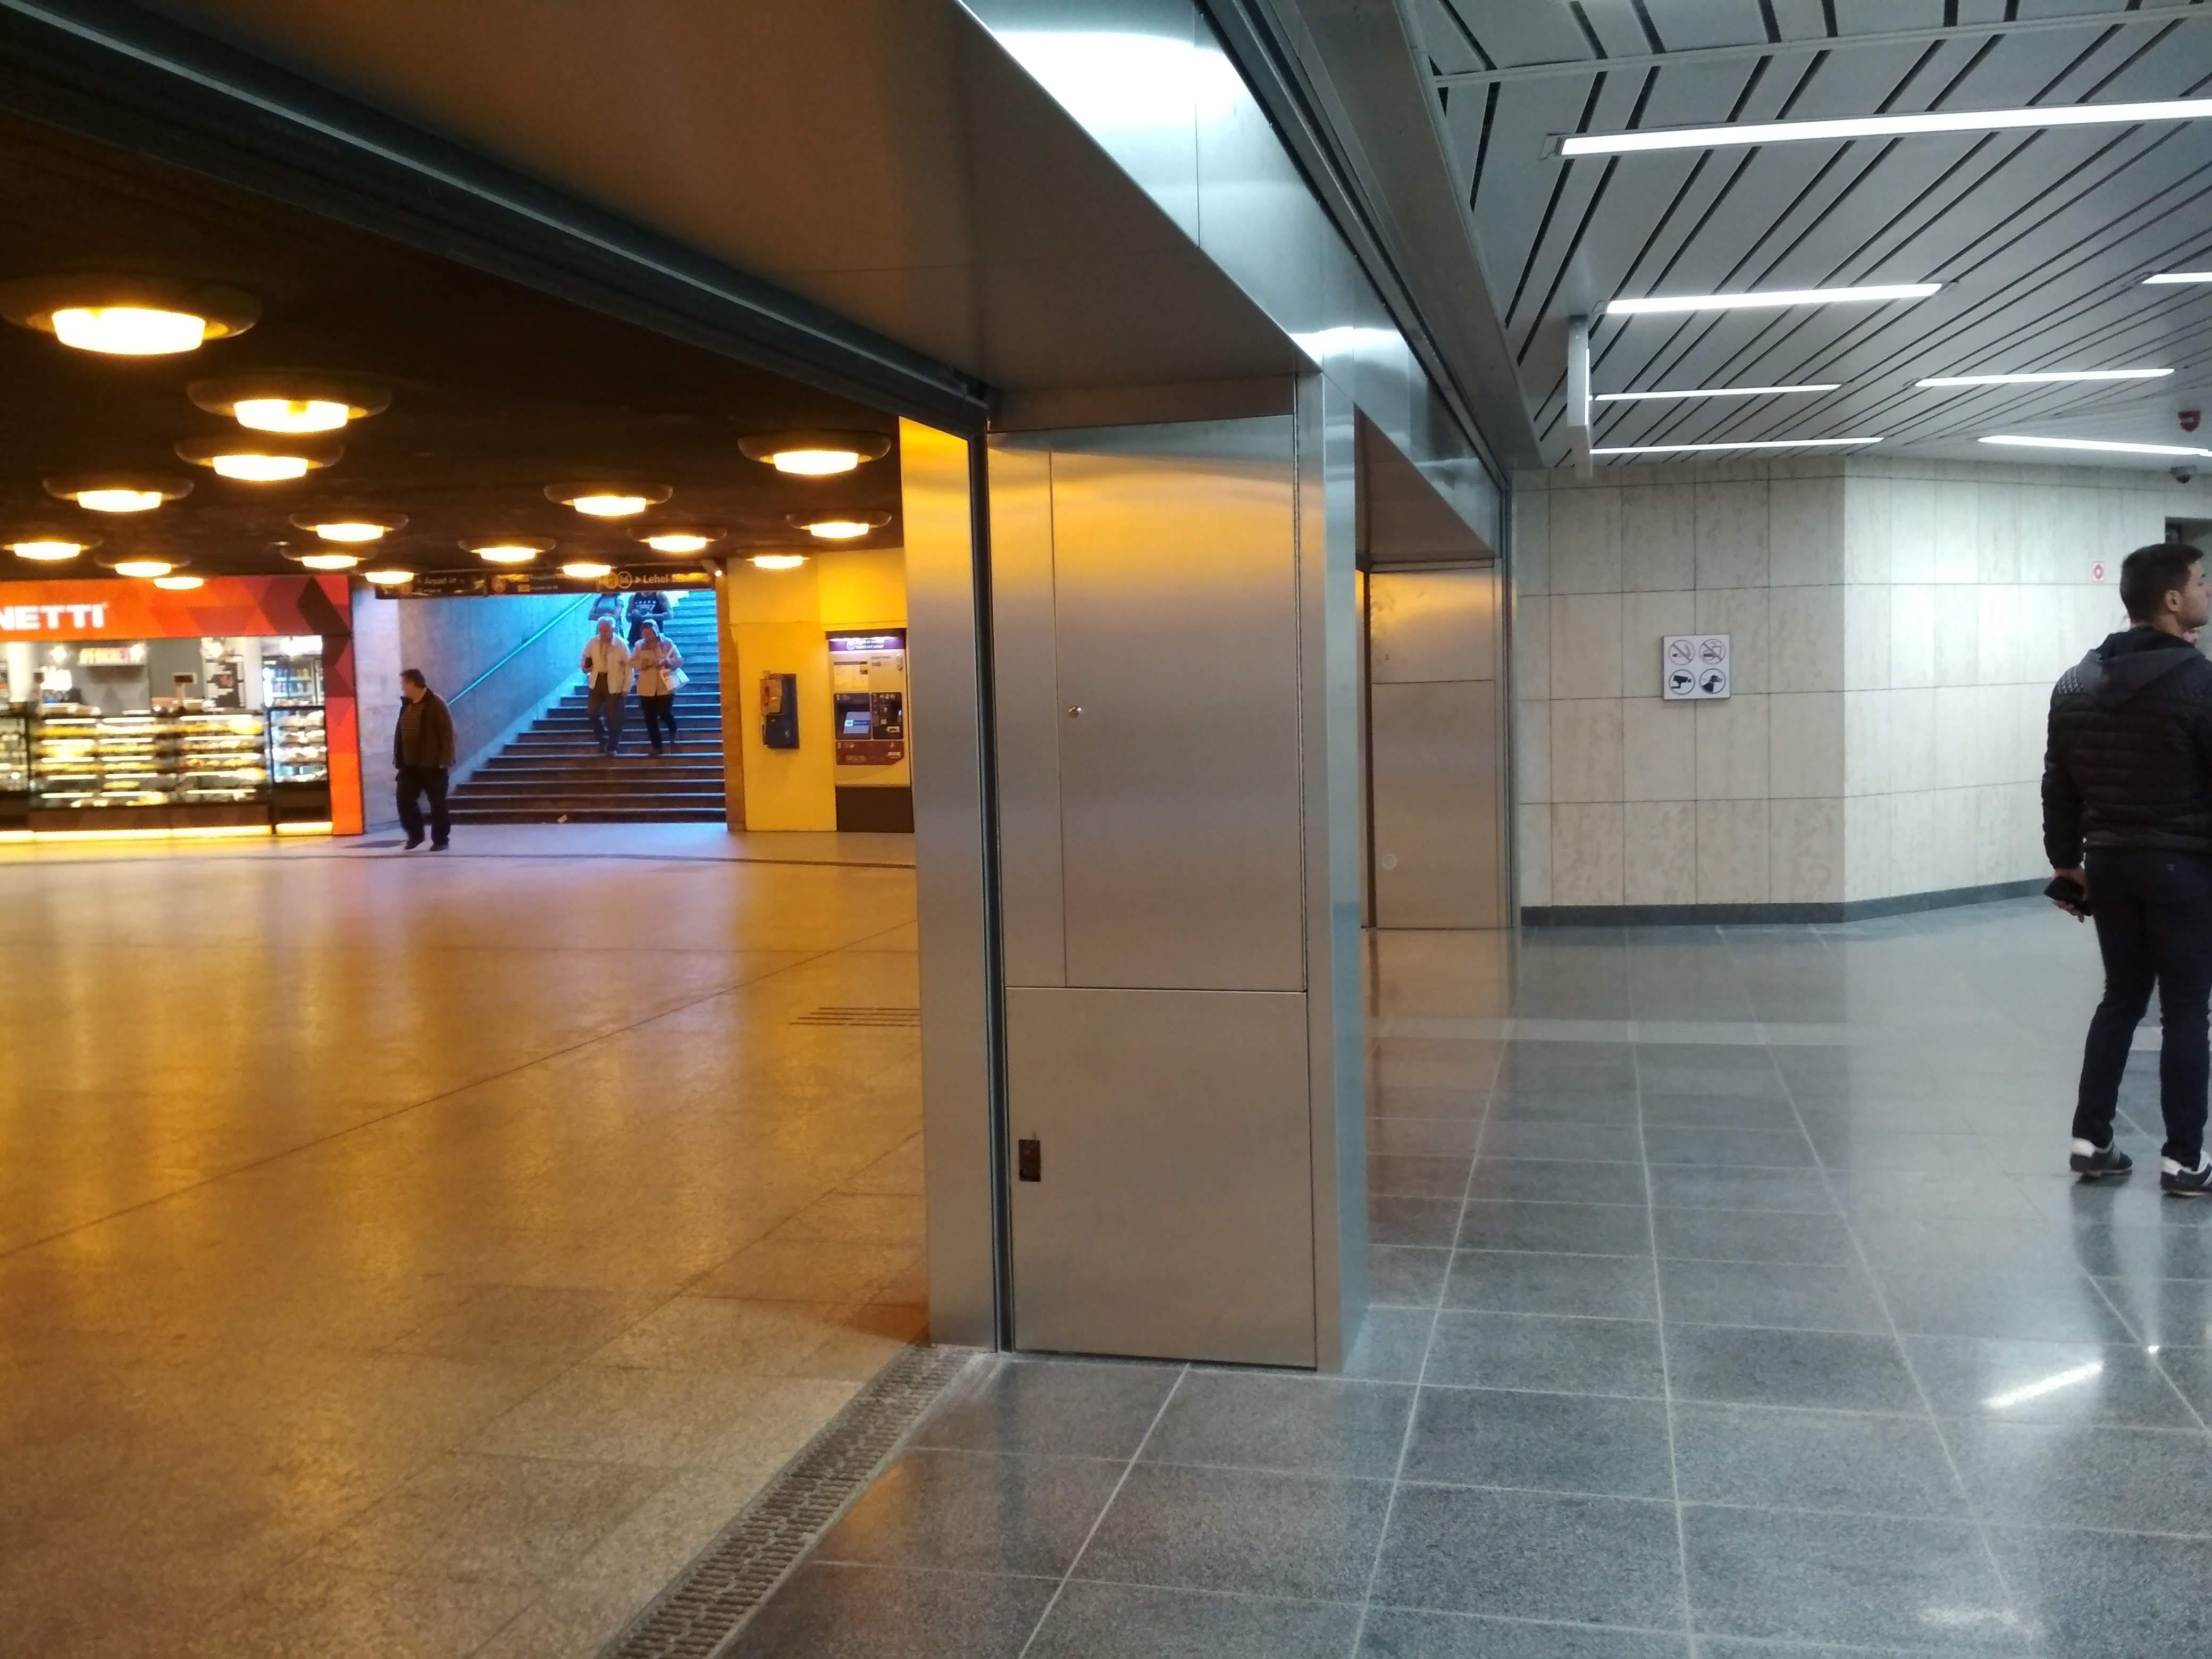 Régi és új határán. Teljesen eltérő színhőmérsékletű világítás van az aluljáróban és az állomás területén.